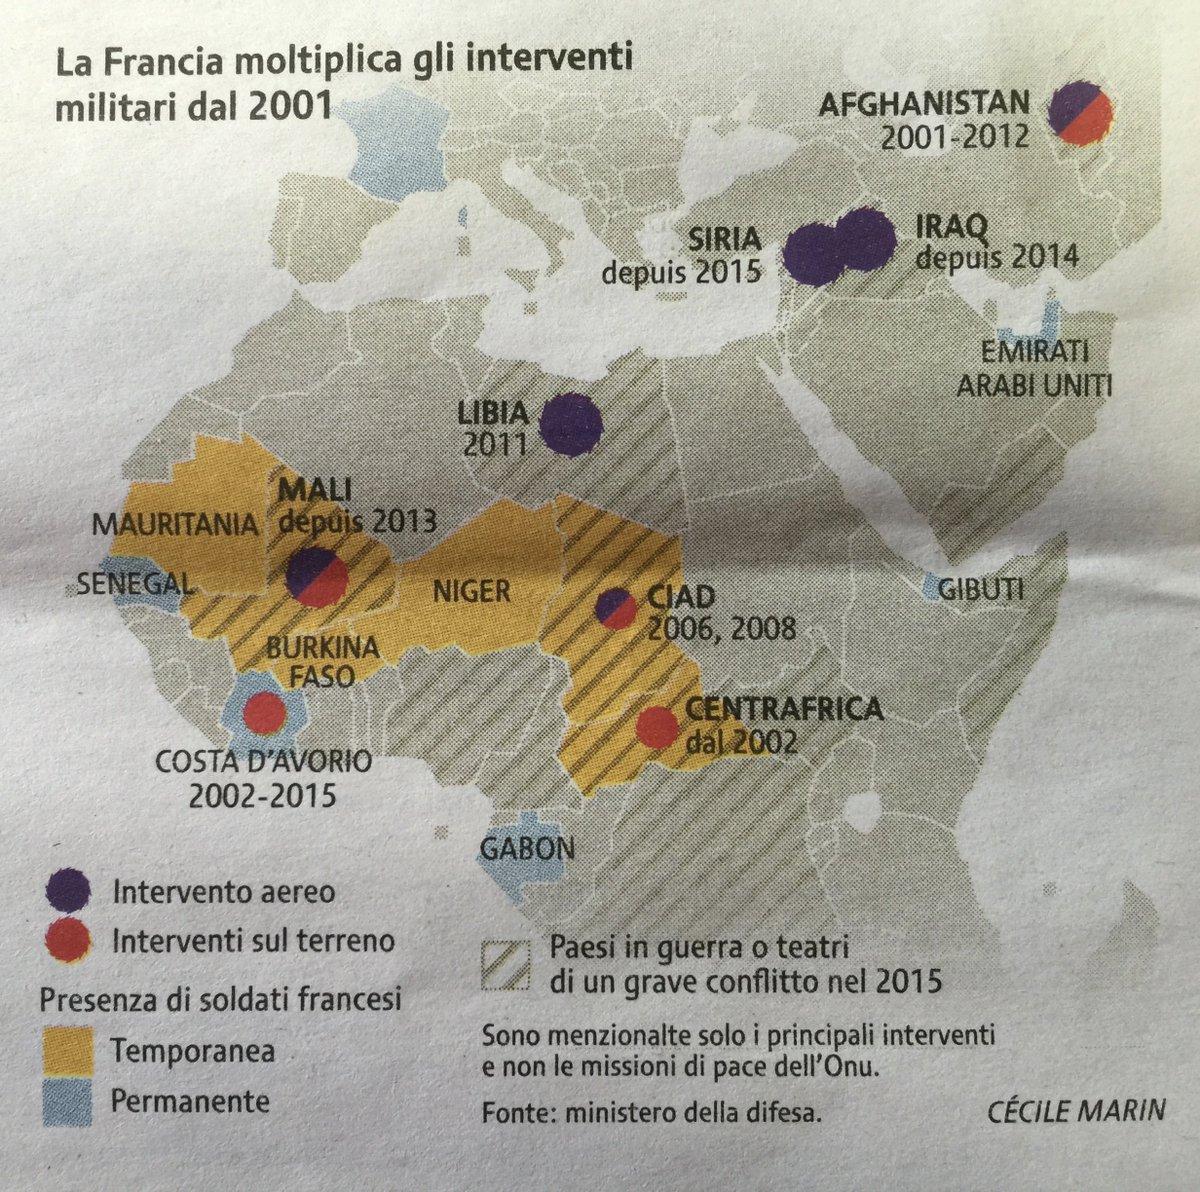 #DailyMap 18/12 Non solo #Siria. Ecco tutti gli interventi militari della #Francia dal 2011 https://t.co/ZdiBCFq9sB